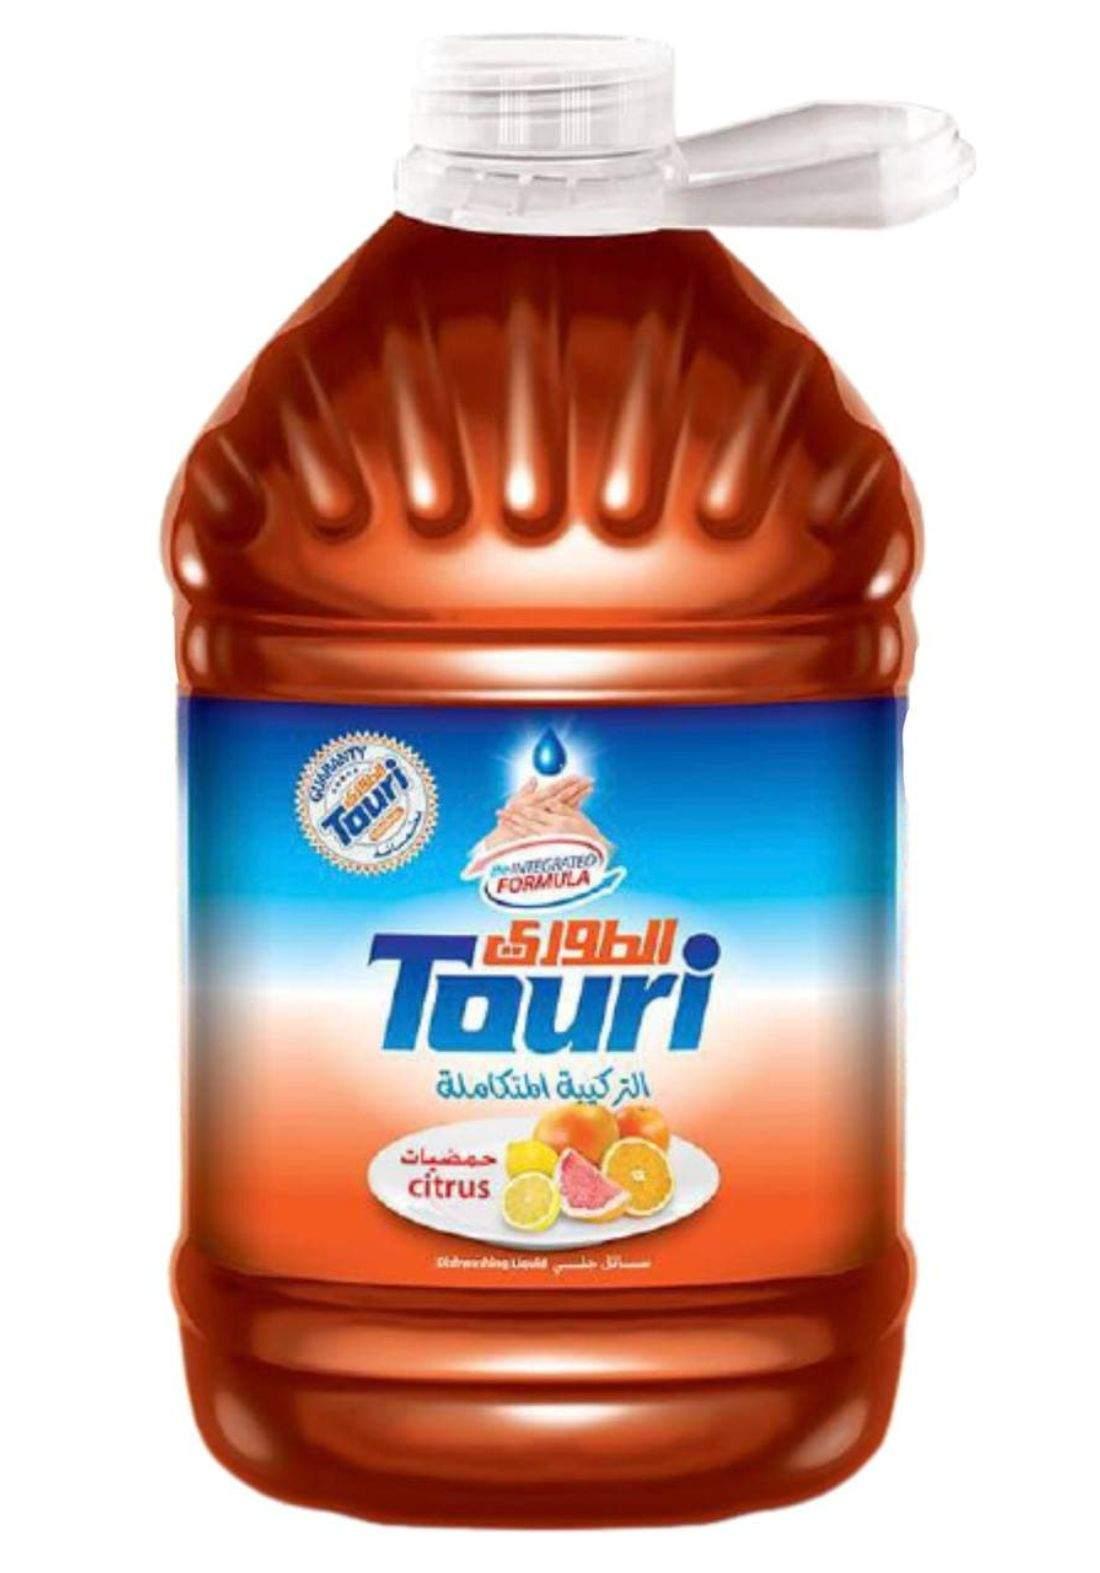 Touri dishwashing liquid 3300ml طوري سائل غسيل الصحون